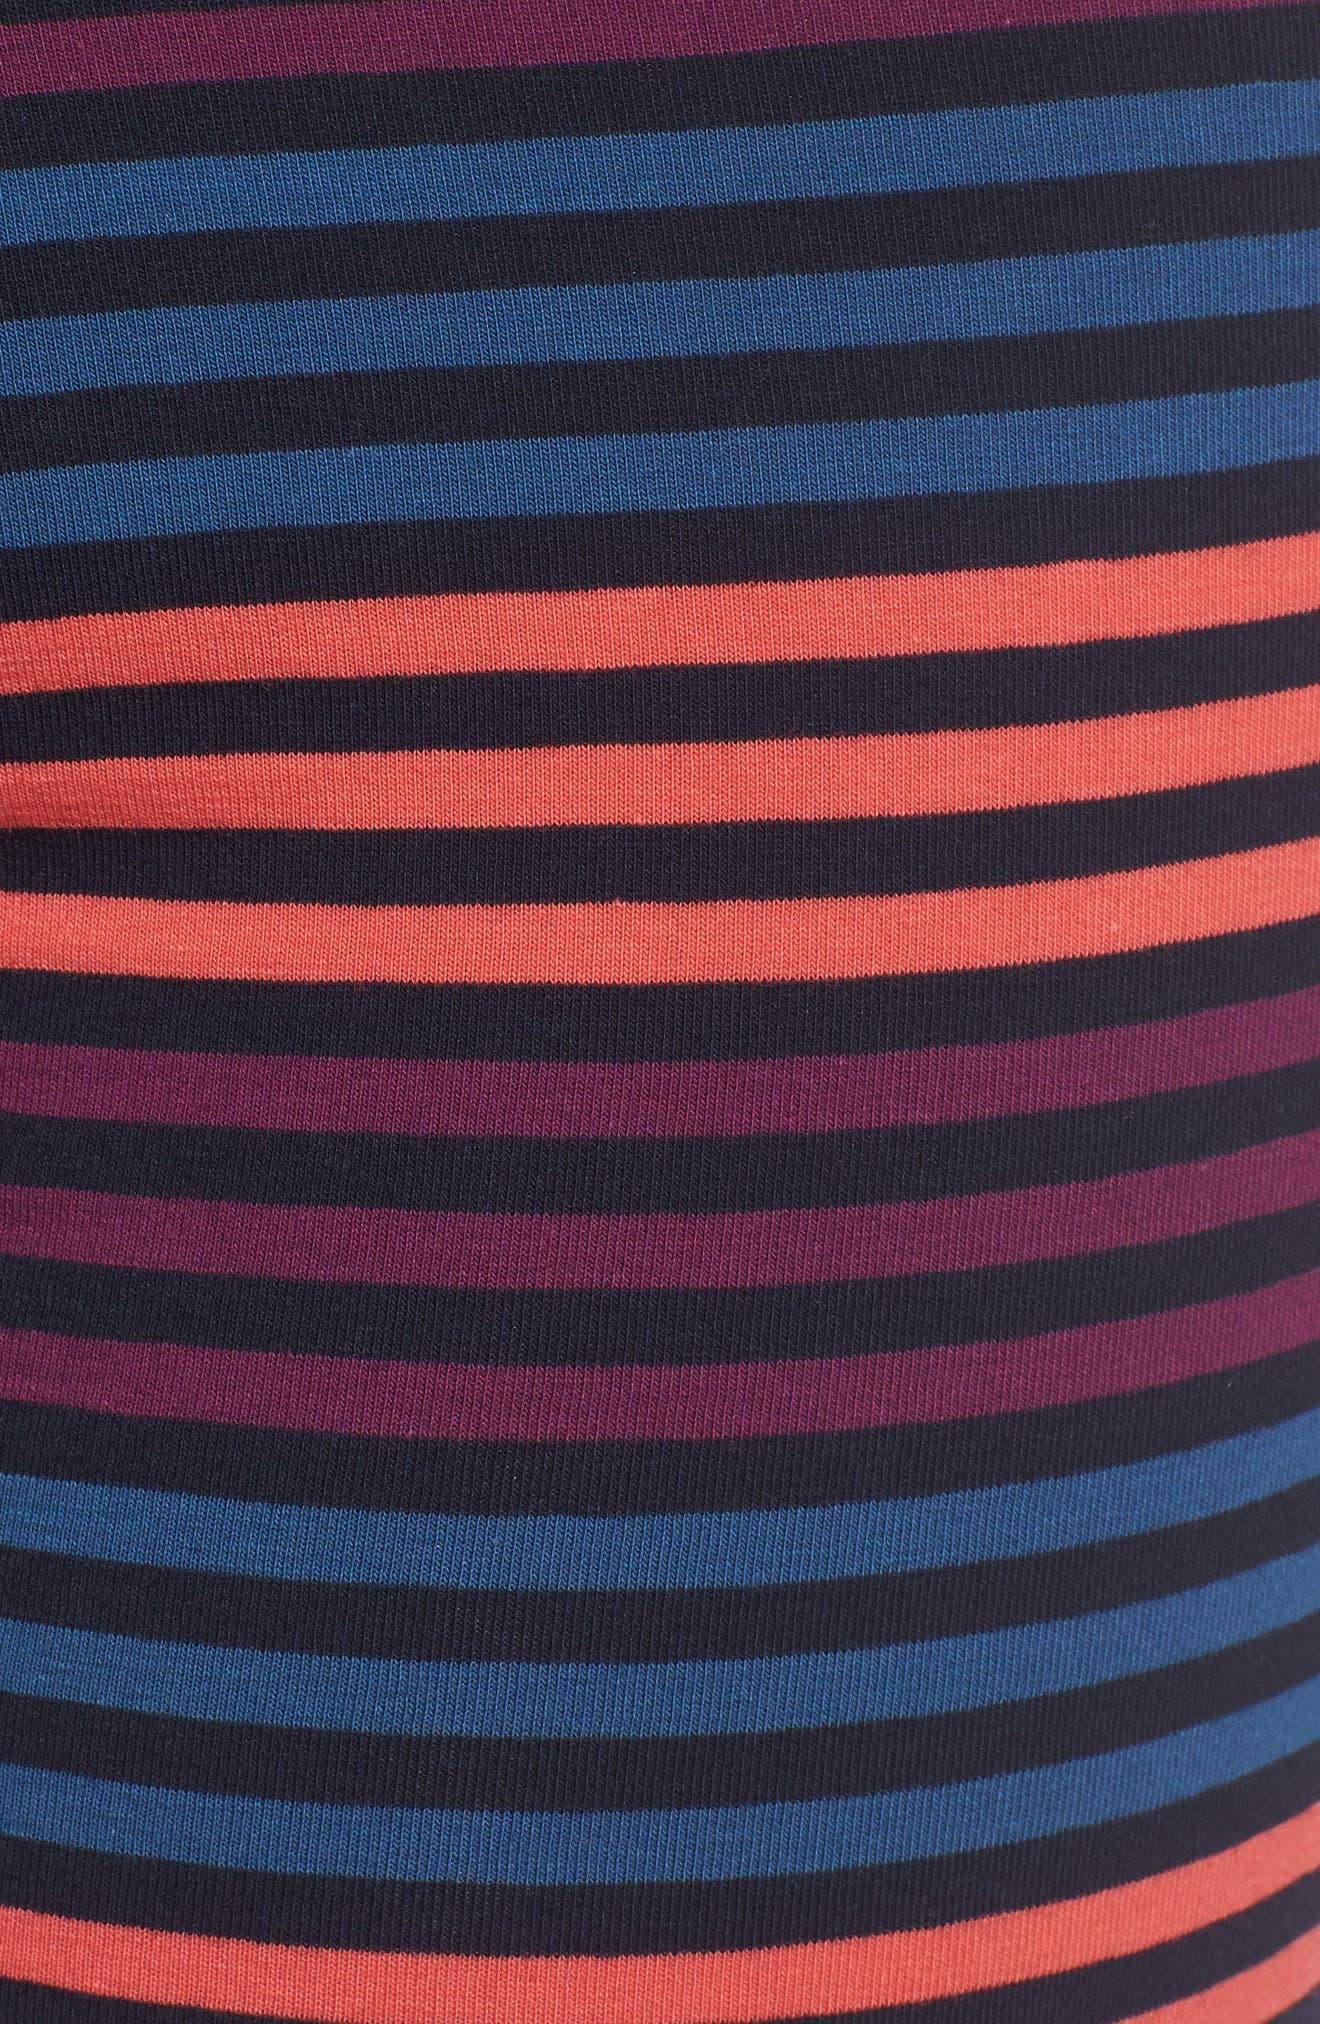 Long Leg Stretch Cotton Boxer Briefs,                             Alternate thumbnail 5, color,                             BLUE